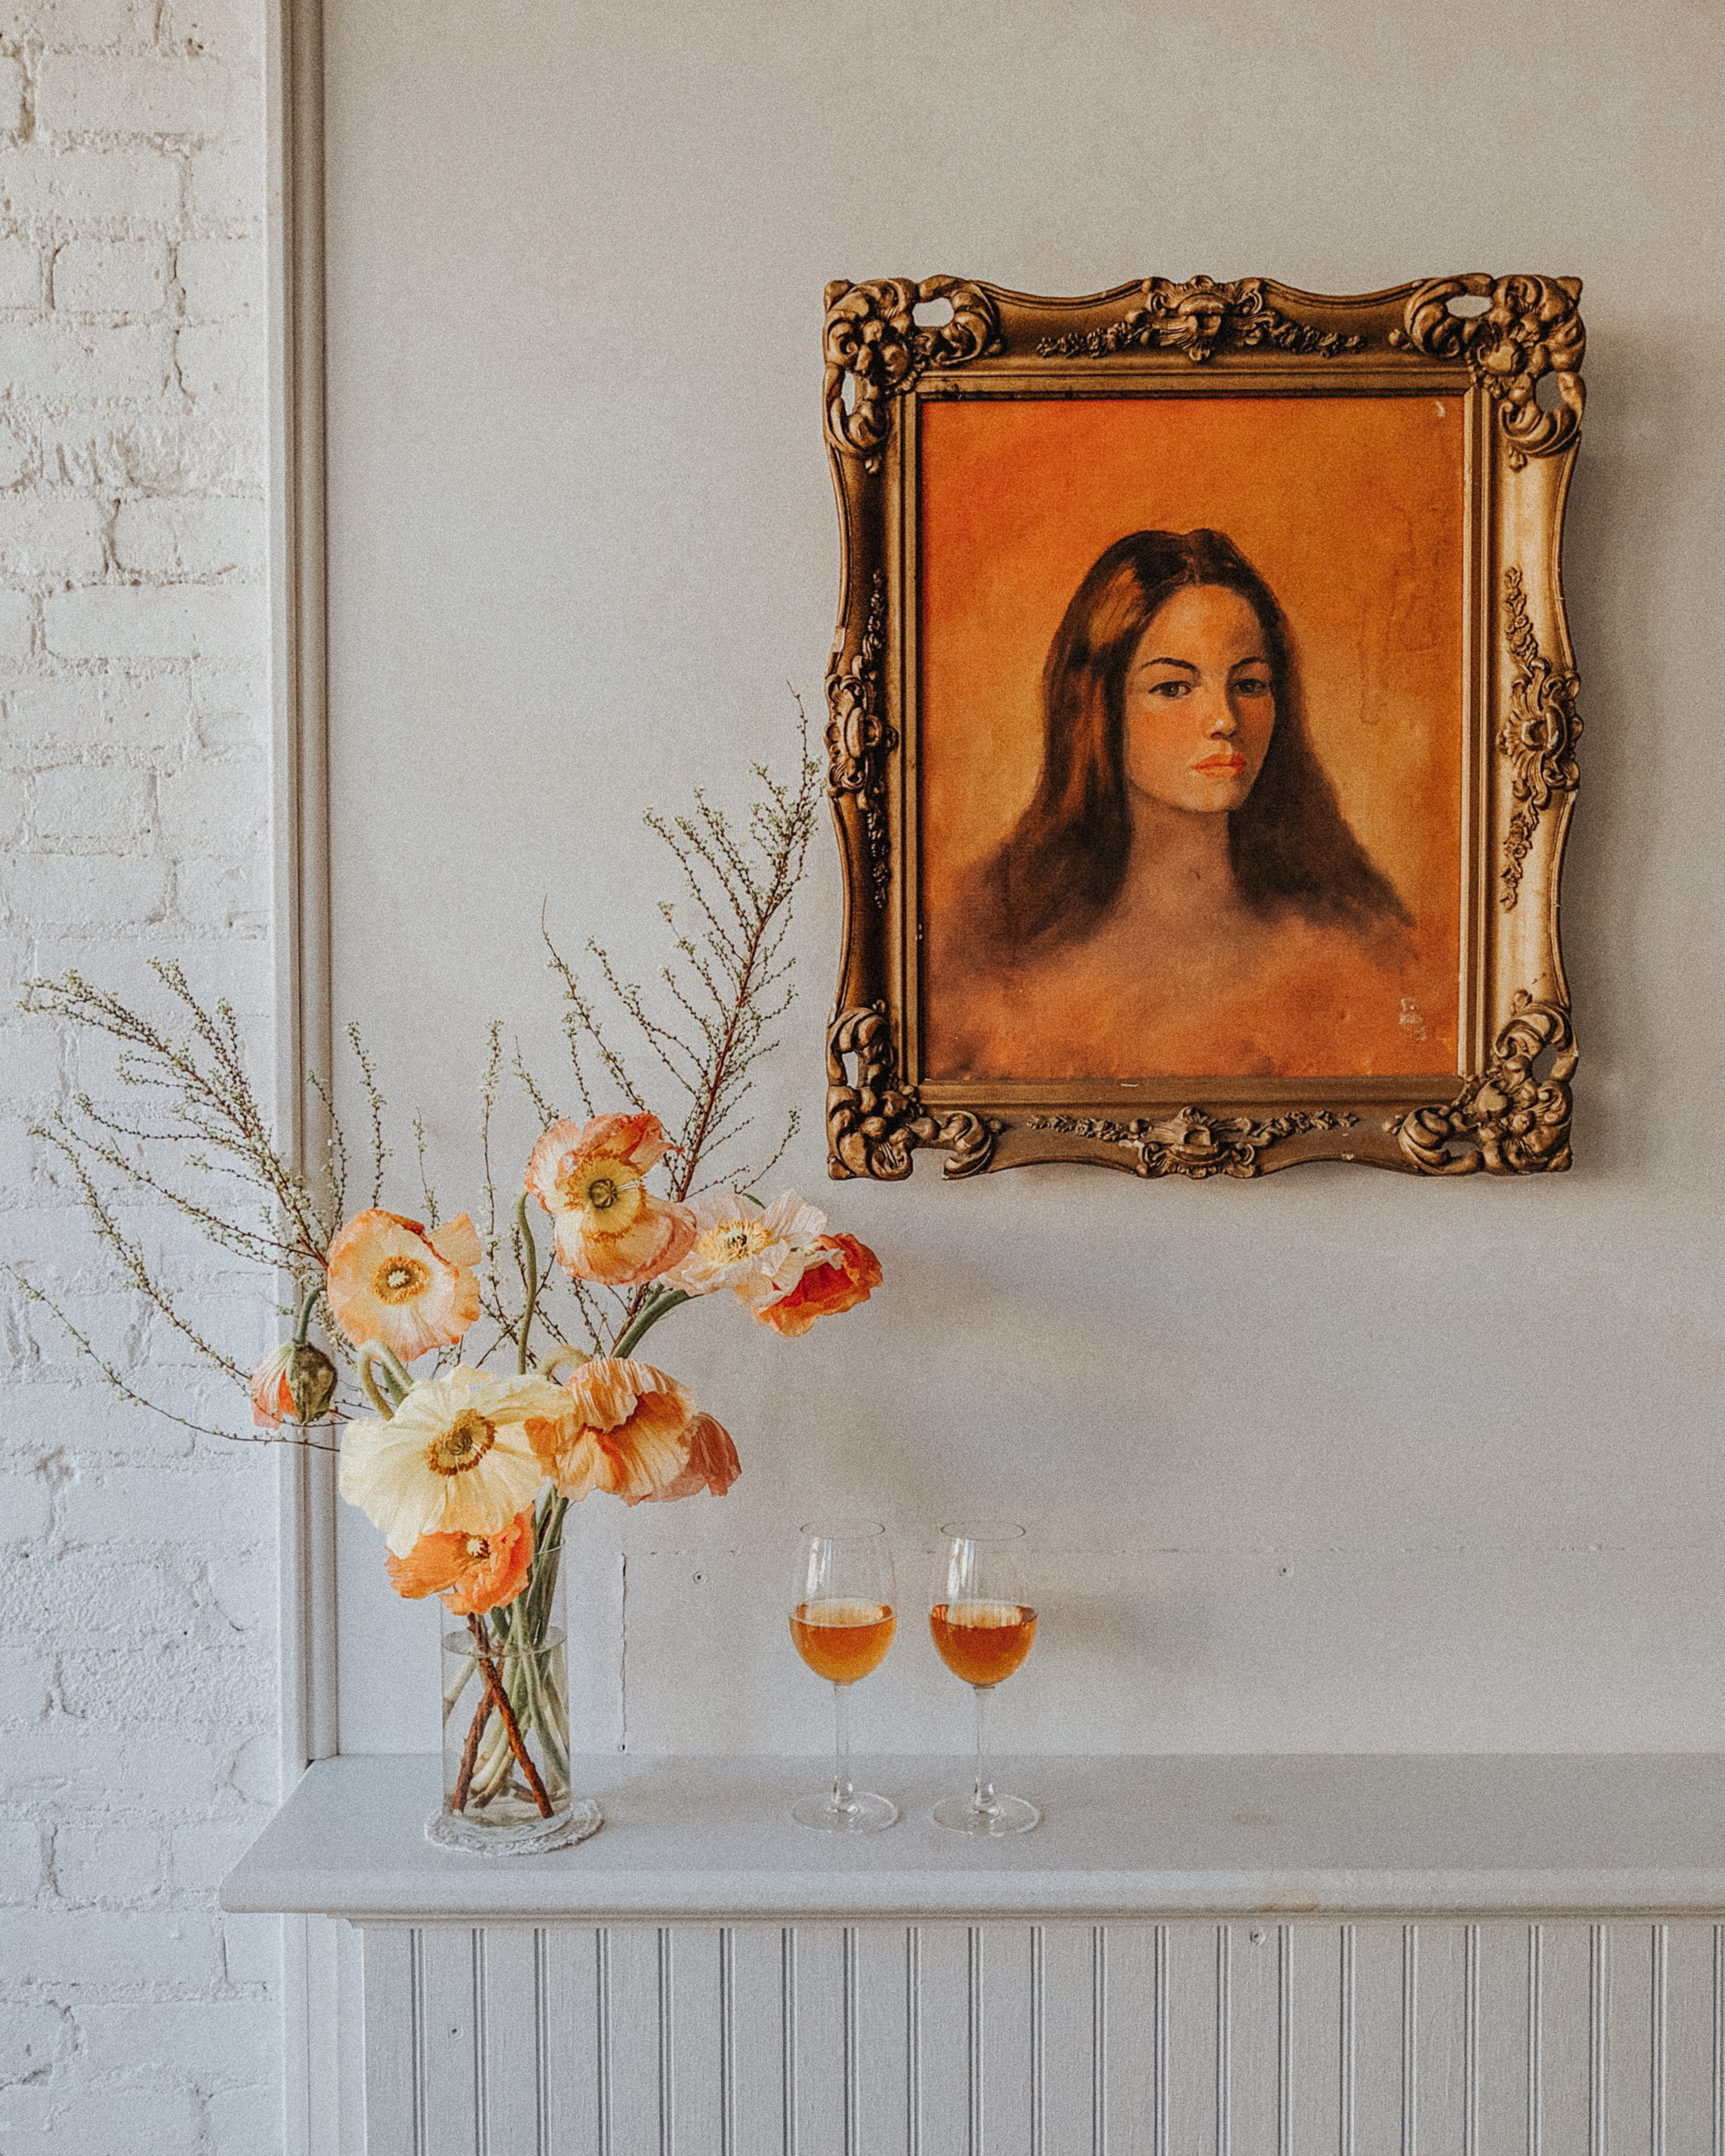 A sparkling orange for her, a still orange for him